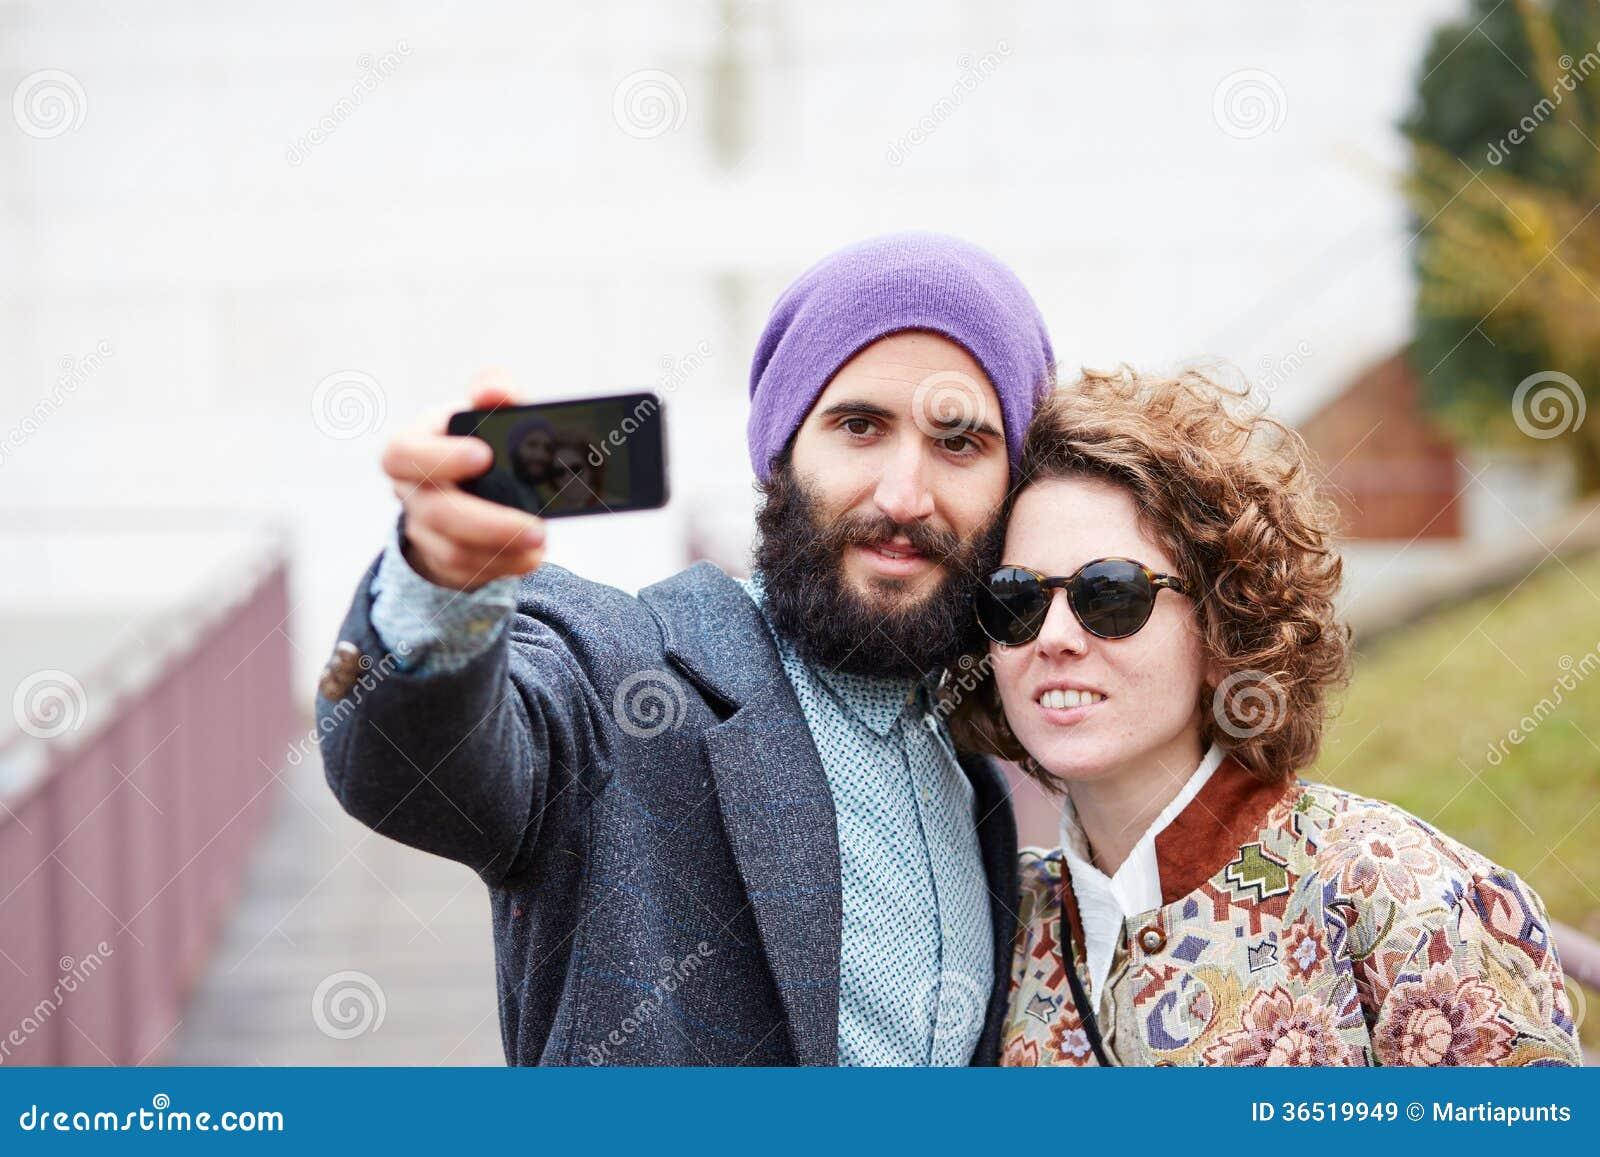 Couplez prendre une photographie de lui-même avec un smartphone